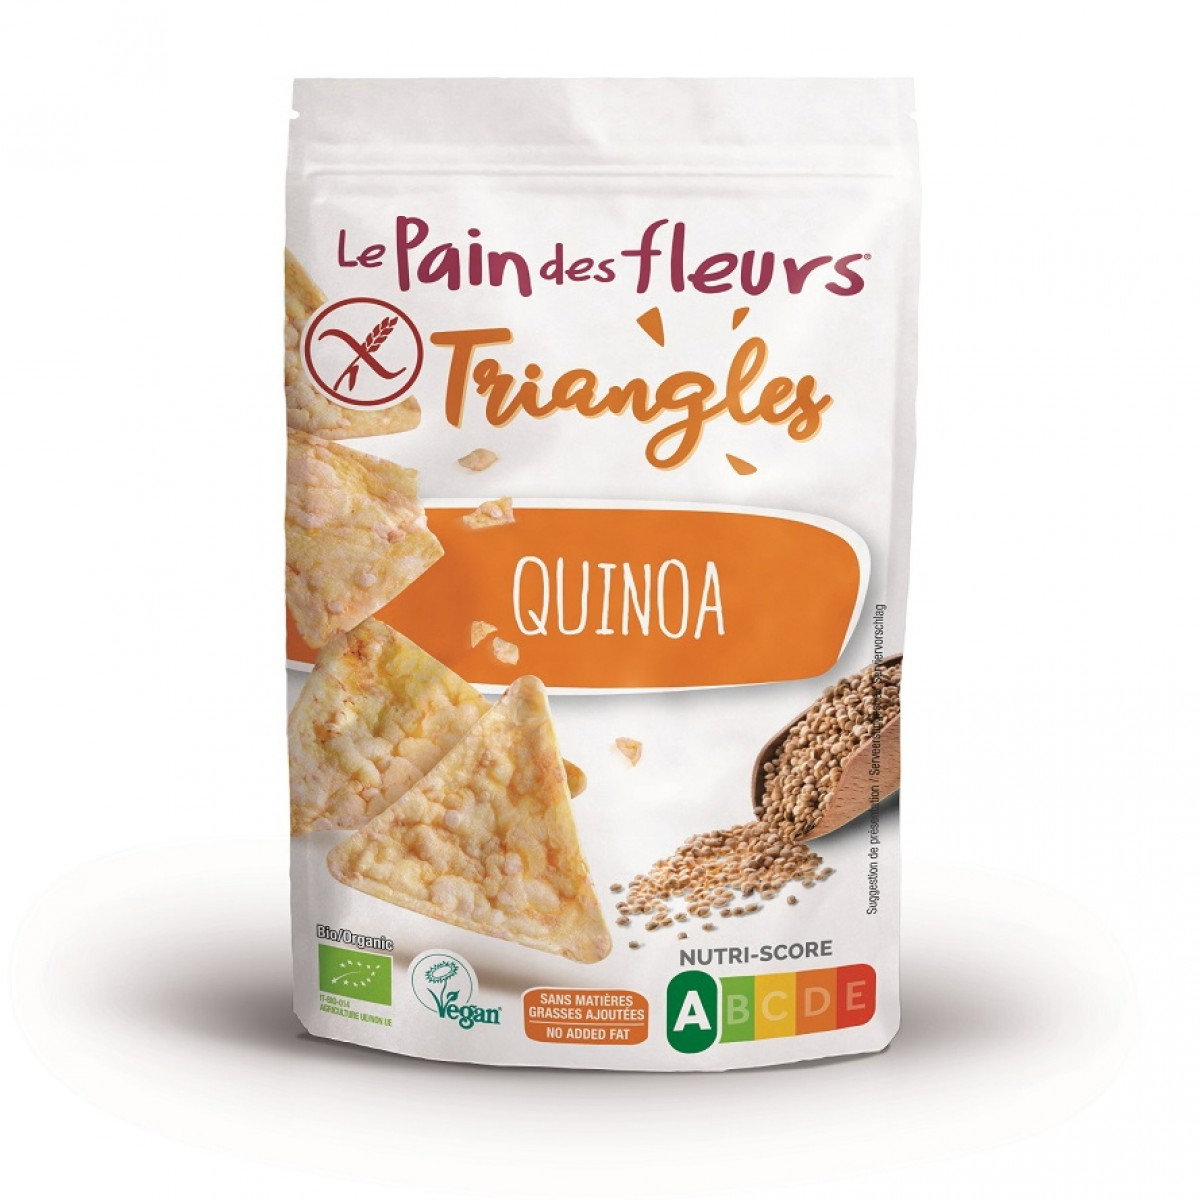 Triangles Quinoa